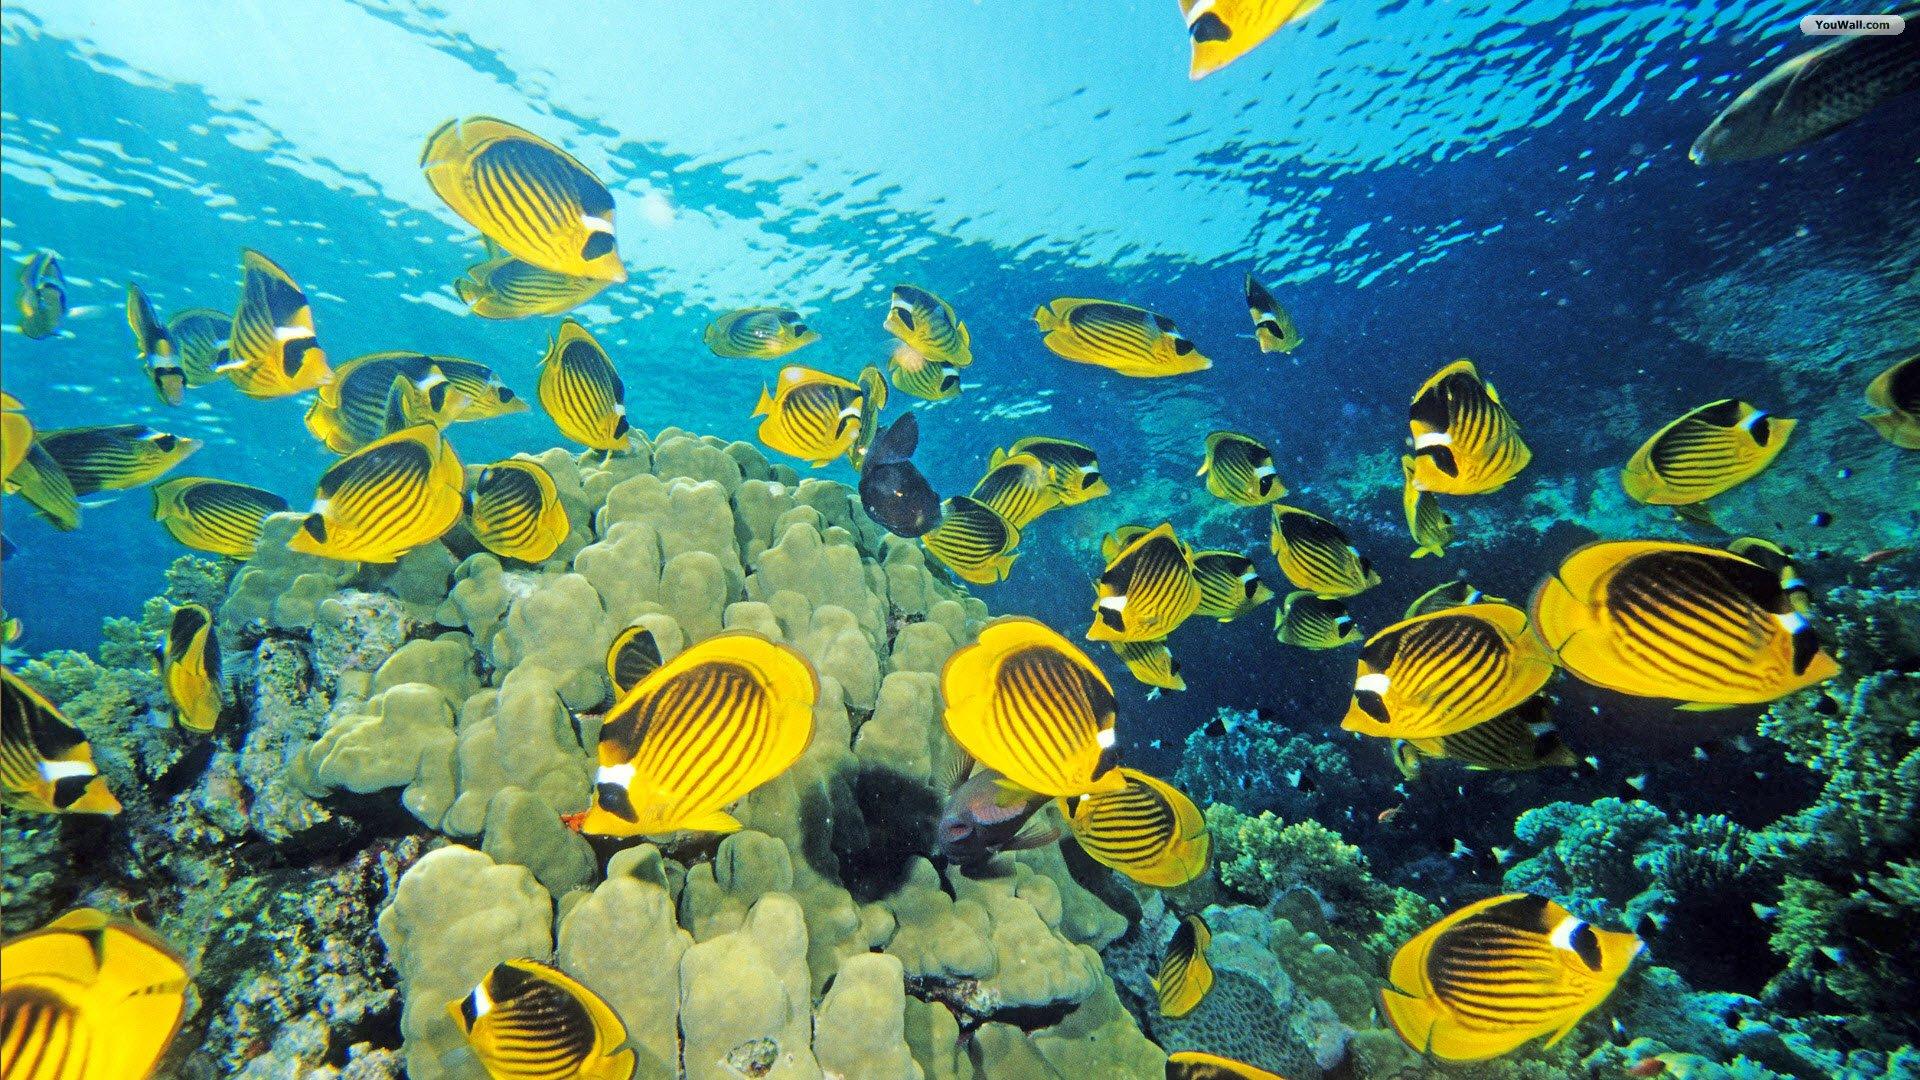 Colorful Tropical Fish Oceantransparent Waterhd Wallpaper For